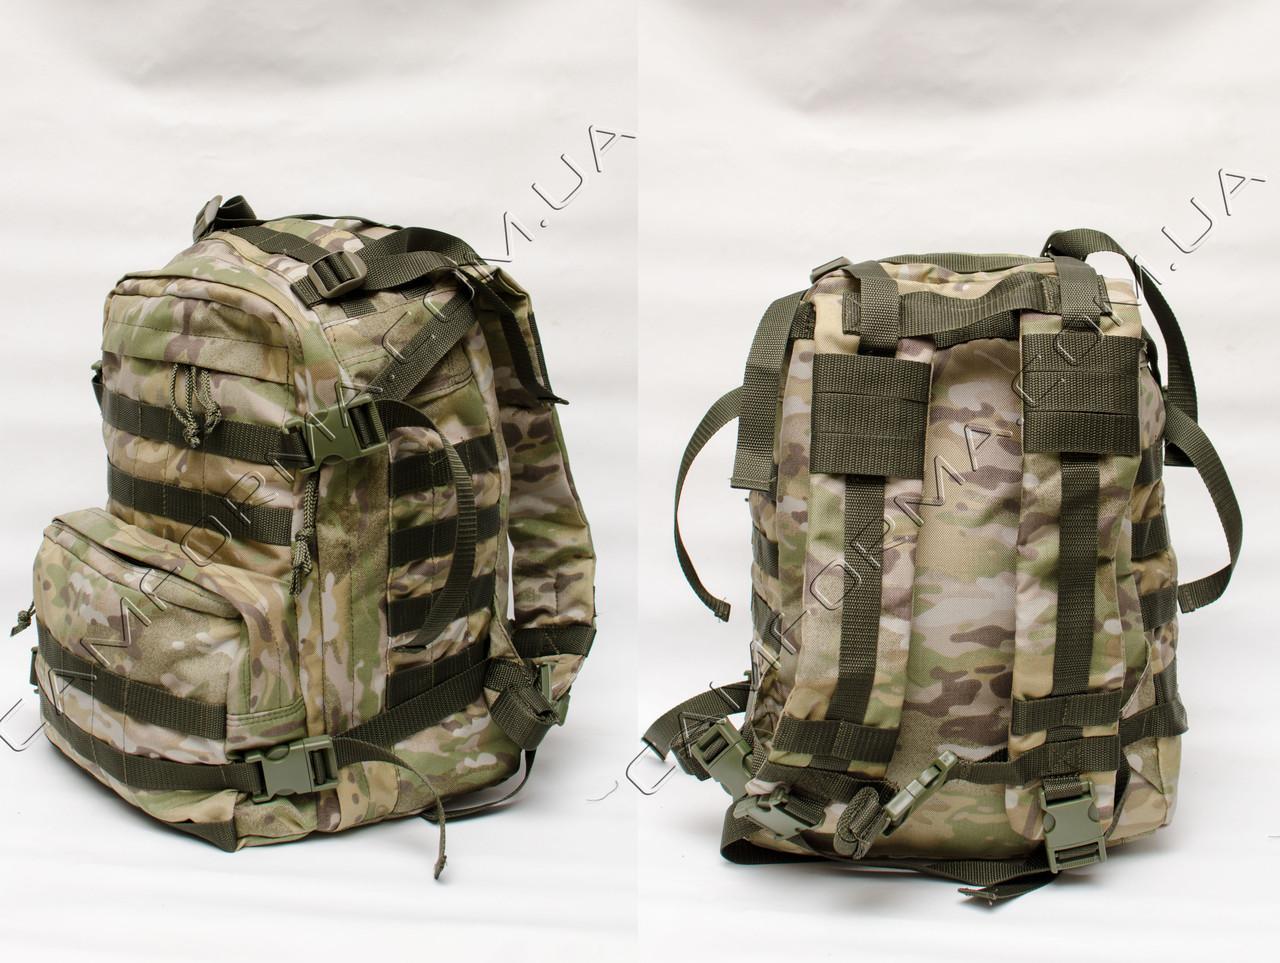 Боевой ранец (рюкзак) 28л. Мультикам (кордура)